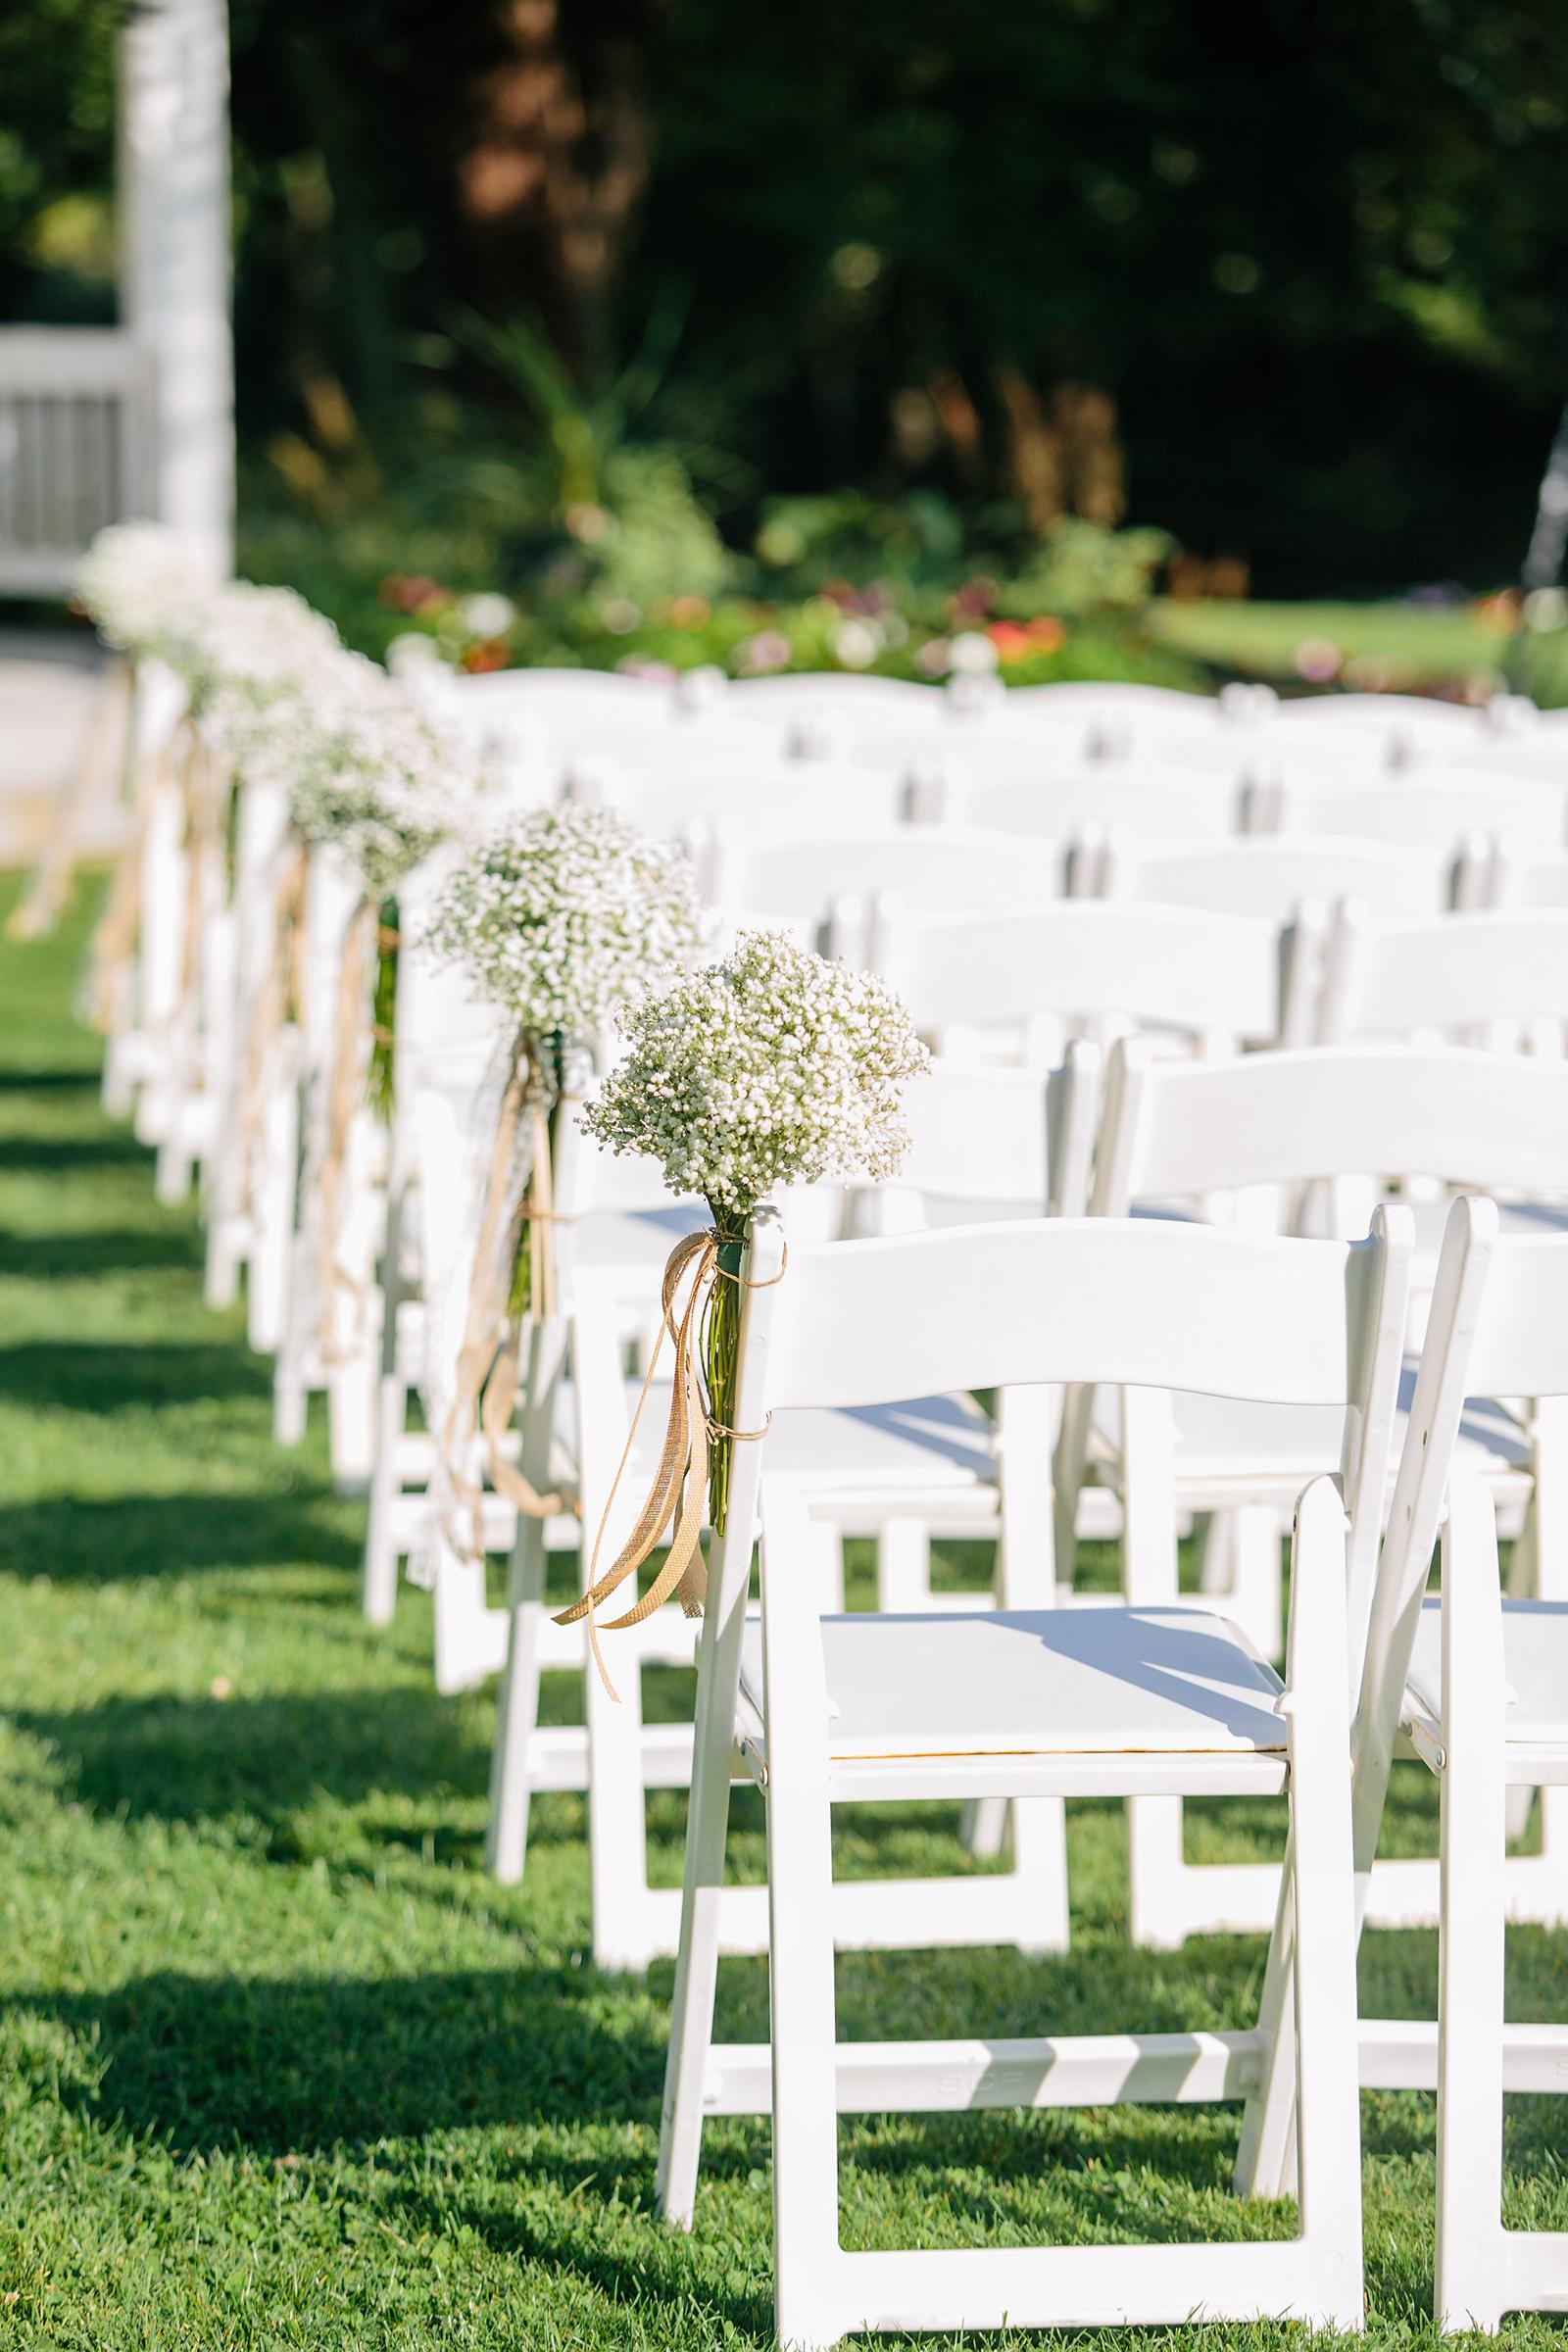 assonet ma wedding.jpg